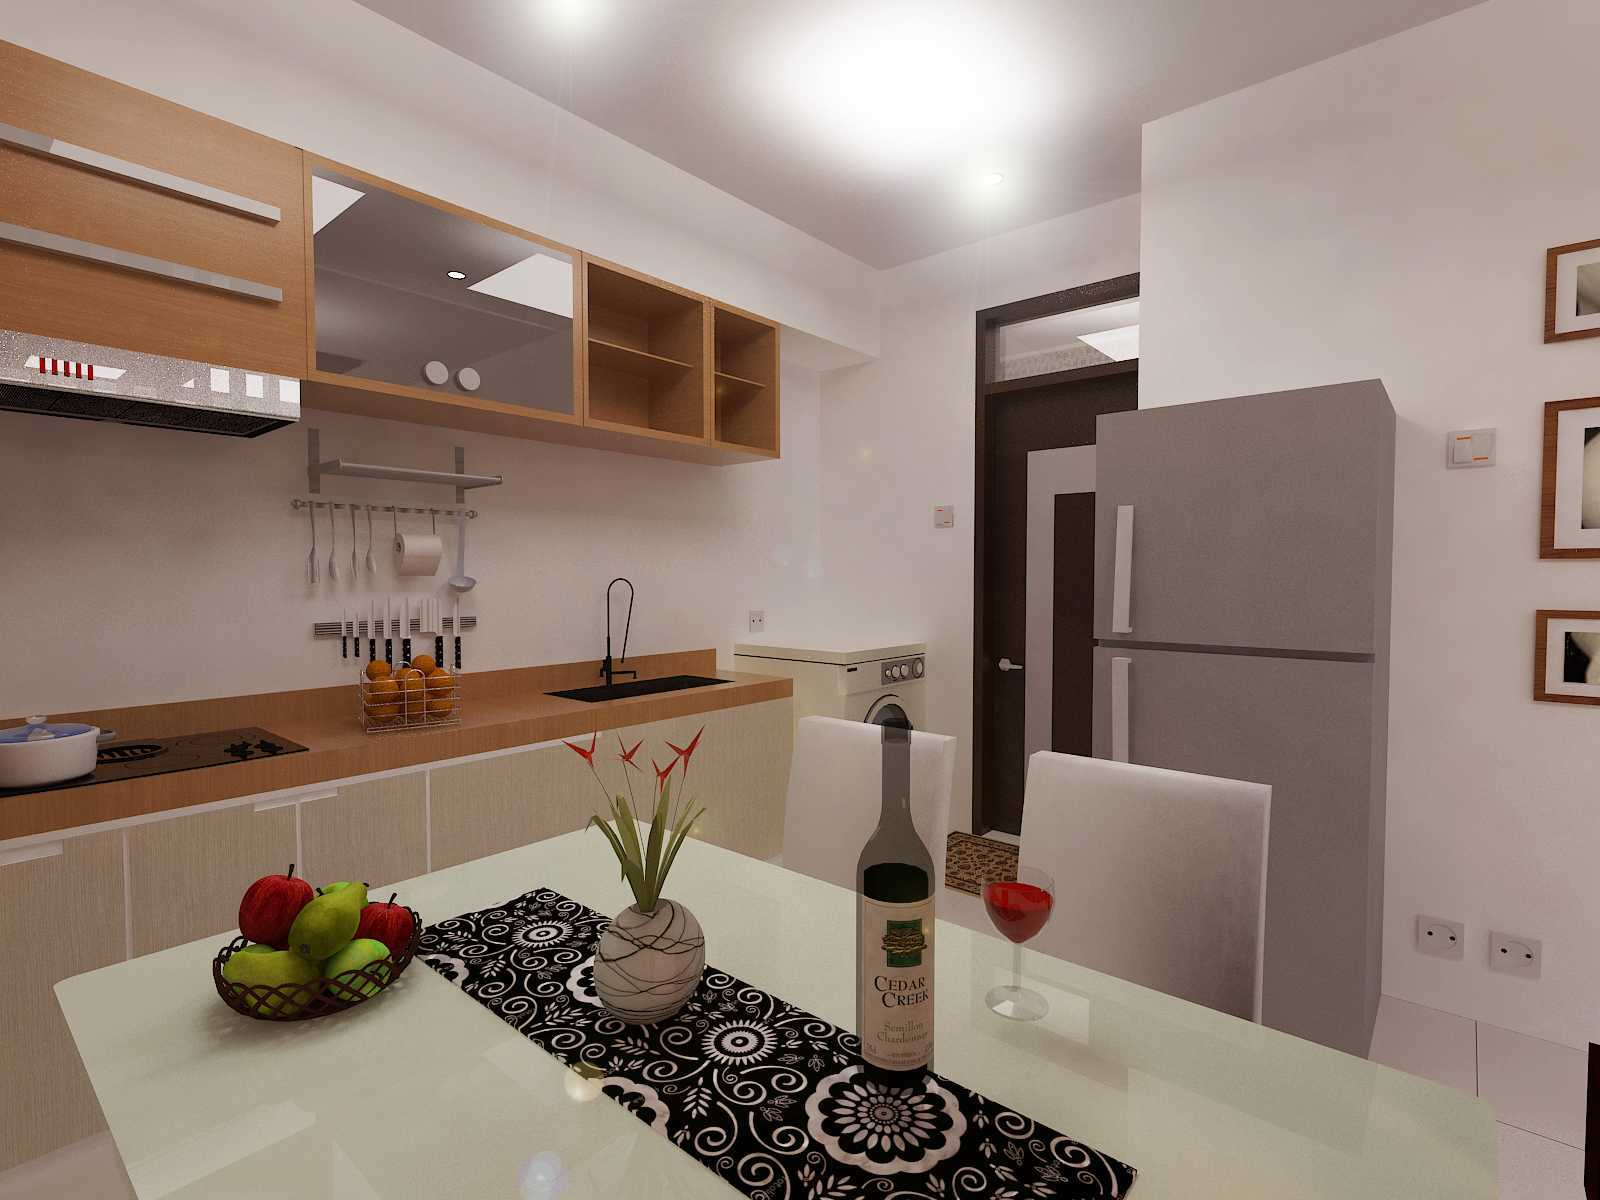 Archdesignbuild7 Rumah Minimalis Di Kopo Jl. Kopo Sayati , Bandung Jl. Kopo Sayati , Bandung Kitchen And Diningroom Minimalis  13297